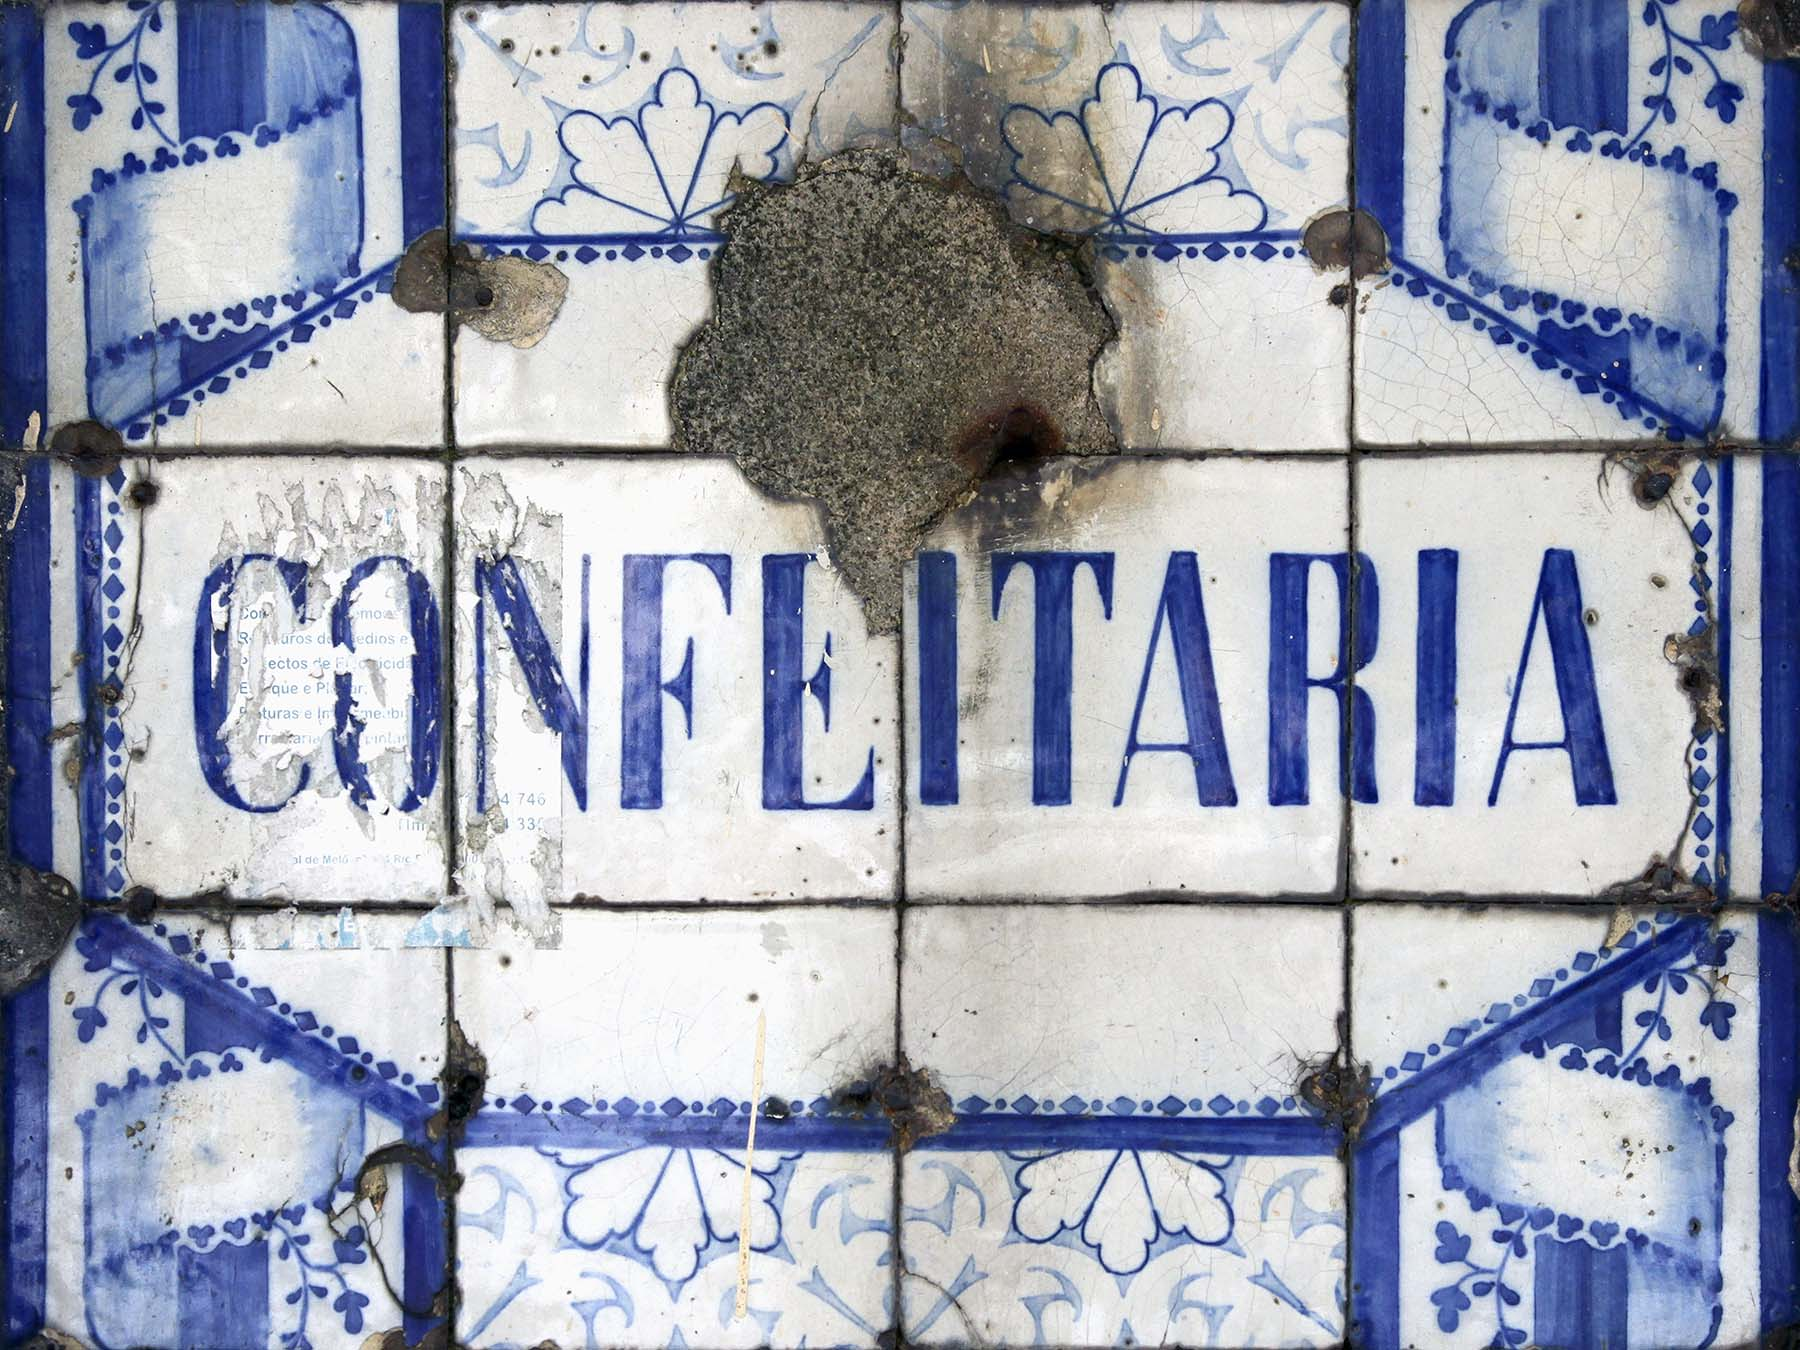 Portugal 13 Carlos Segura @segurainc lo